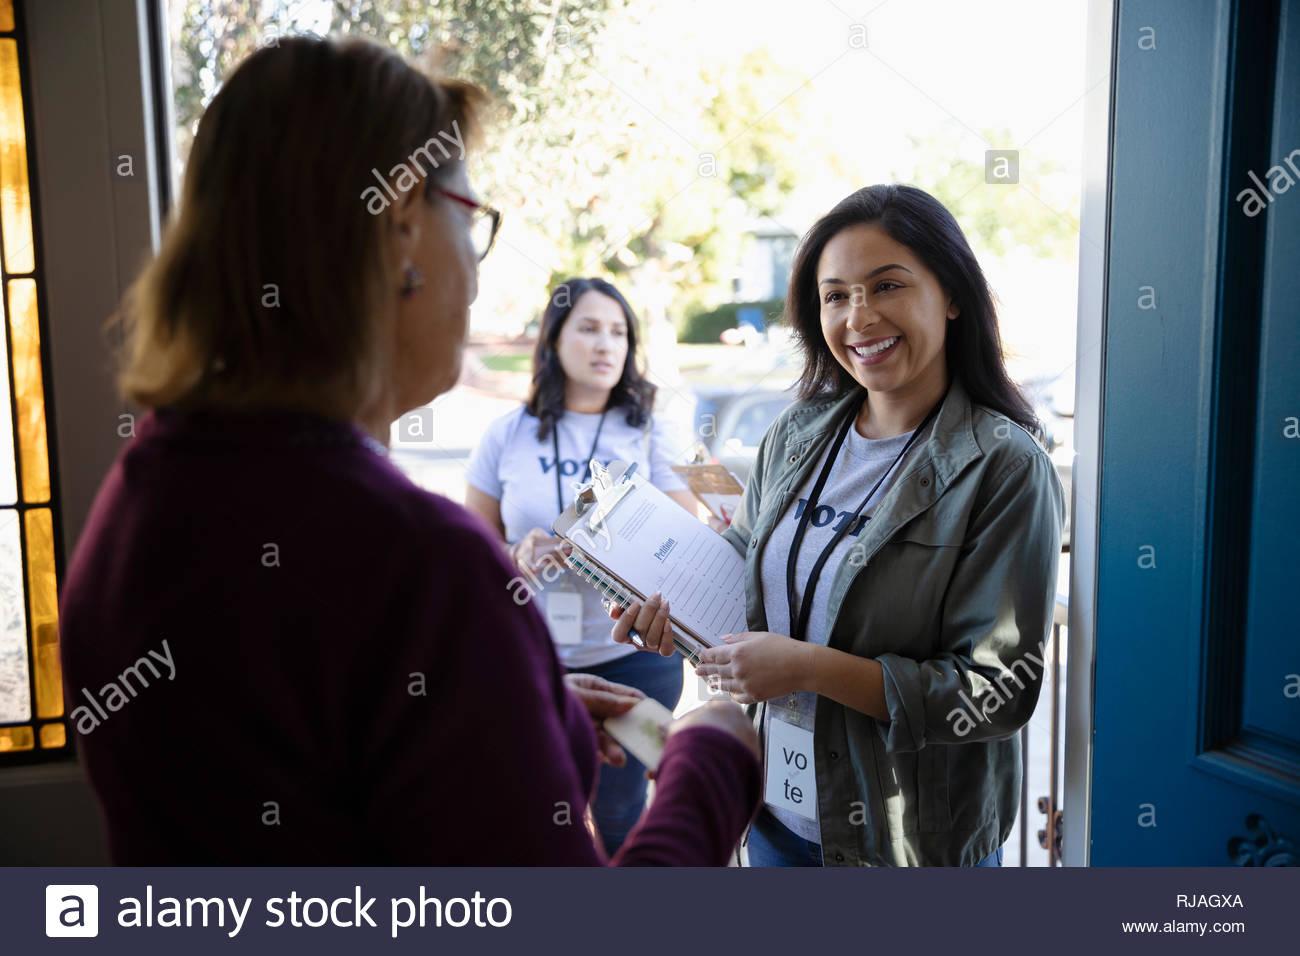 Latinx female volunteer canvassing voters door-to-door - Stock Image